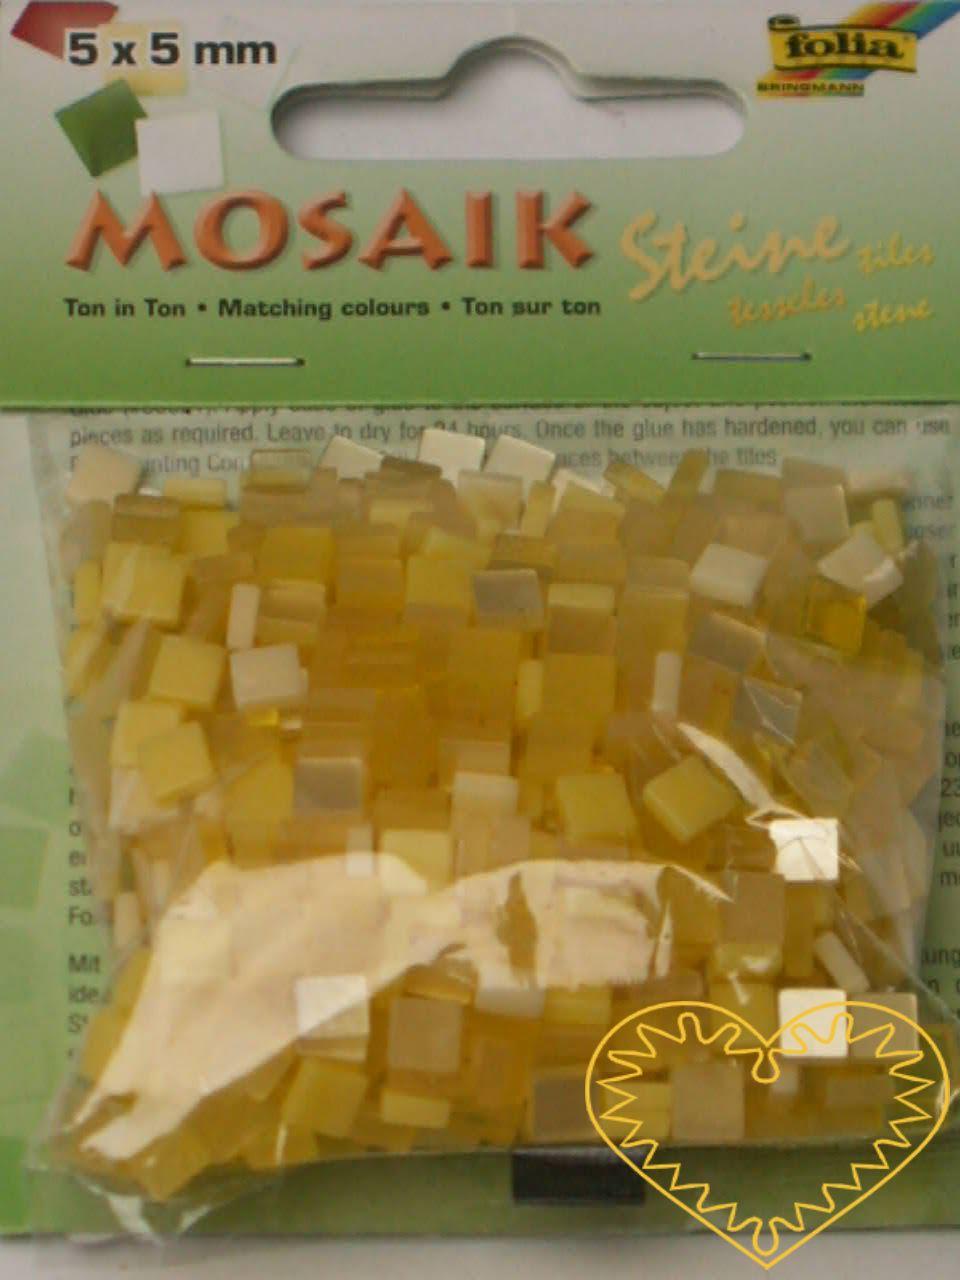 Pryskyřicová mozaika - žlutý mix - čtverečky 0,5 x 0,5 cm - balení 45 g. Tato mozaika je vyrobena z resinu - pryskyřice, jejíž výhodou je nízká hmotnost a zcela nové barvy. Můžete ji lepit běžným lepidlem jako skleněnou mozaiku, ale pro její lehkost